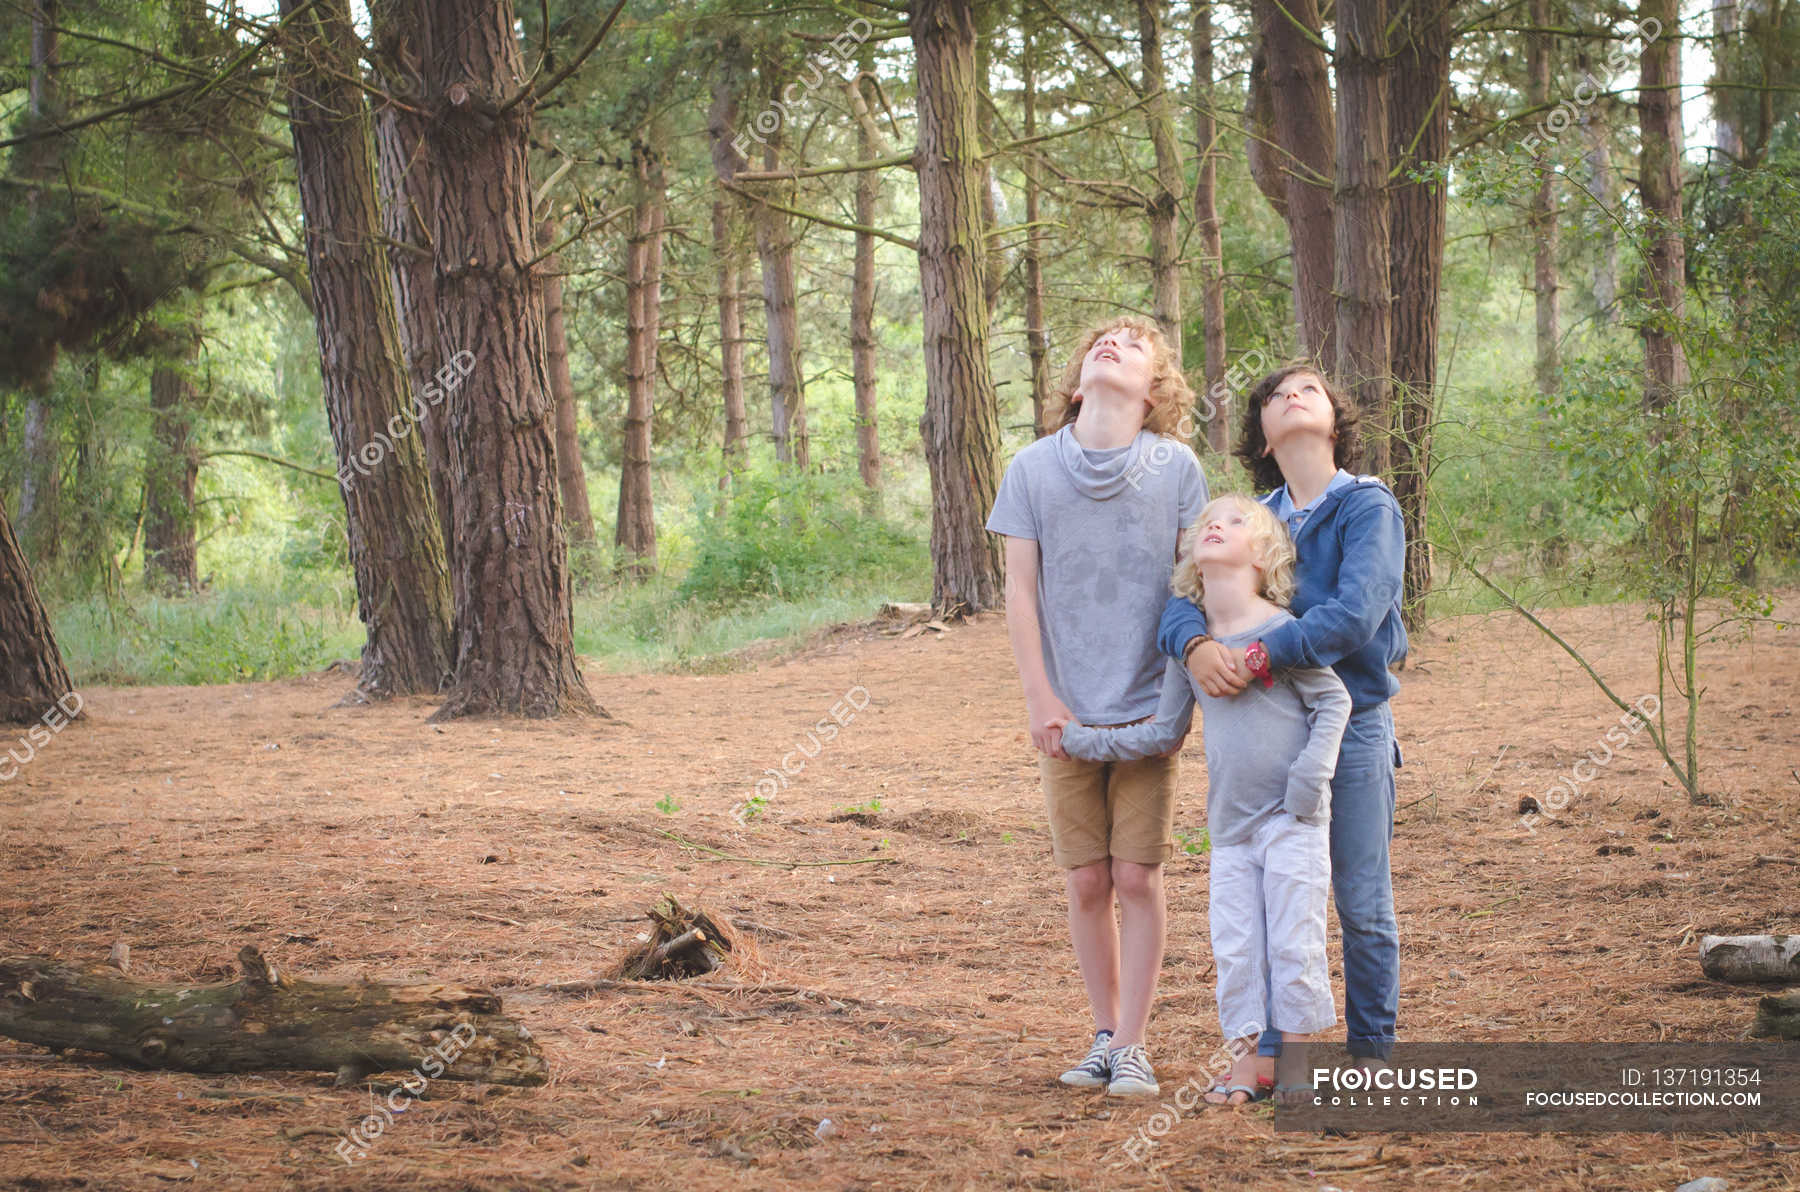 Секс групповой в лесу фото, Три худенькие молодухи раздеваются в лесу секс фото 18 фотография